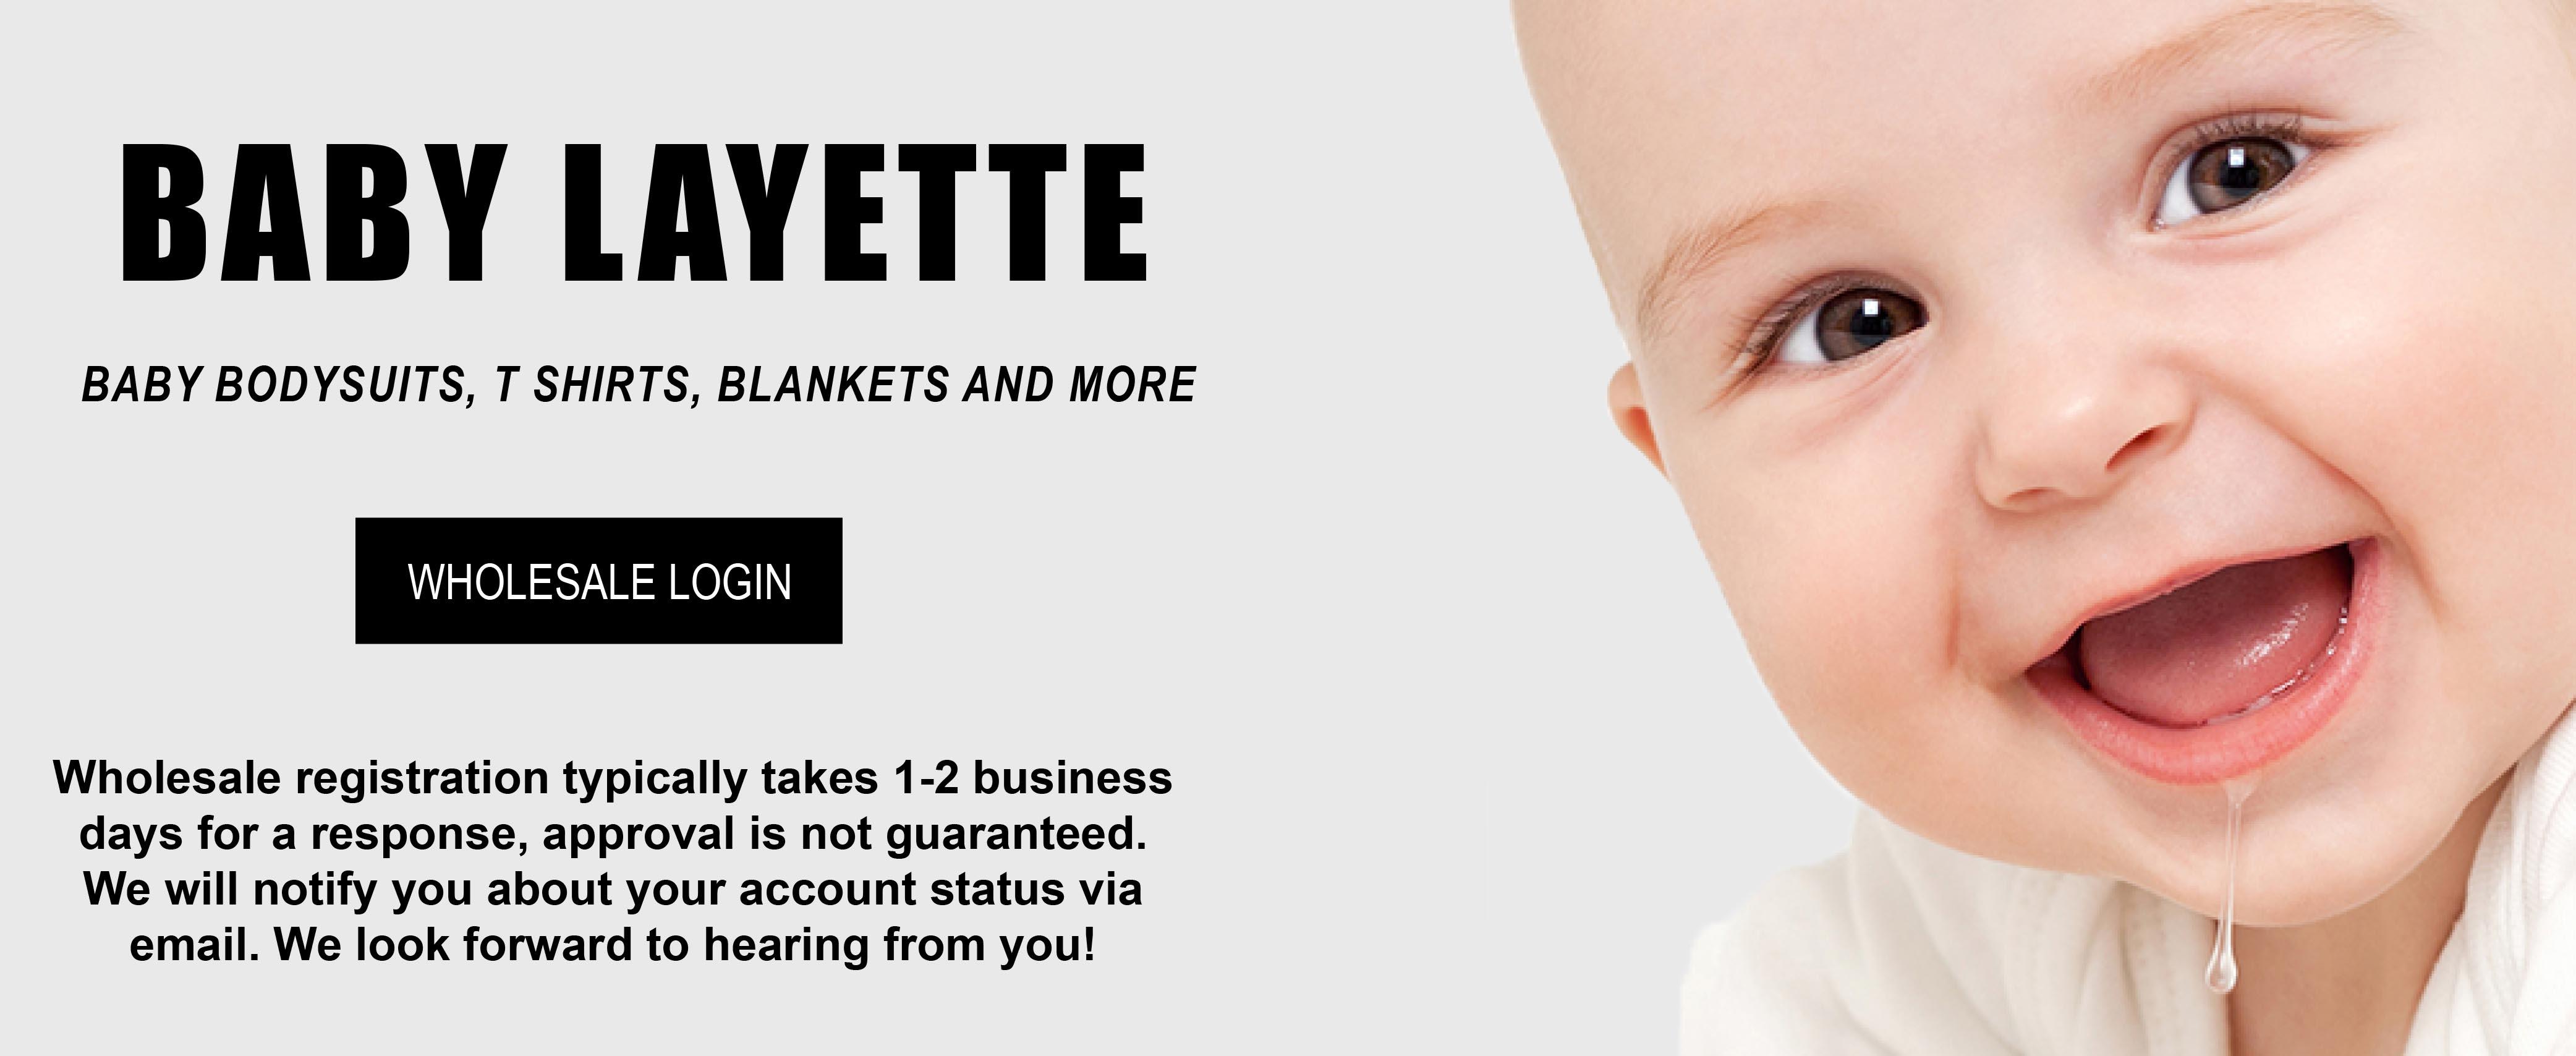 baby layette, layette, baby retail, baby onesies, baby onesie, baby t shirt